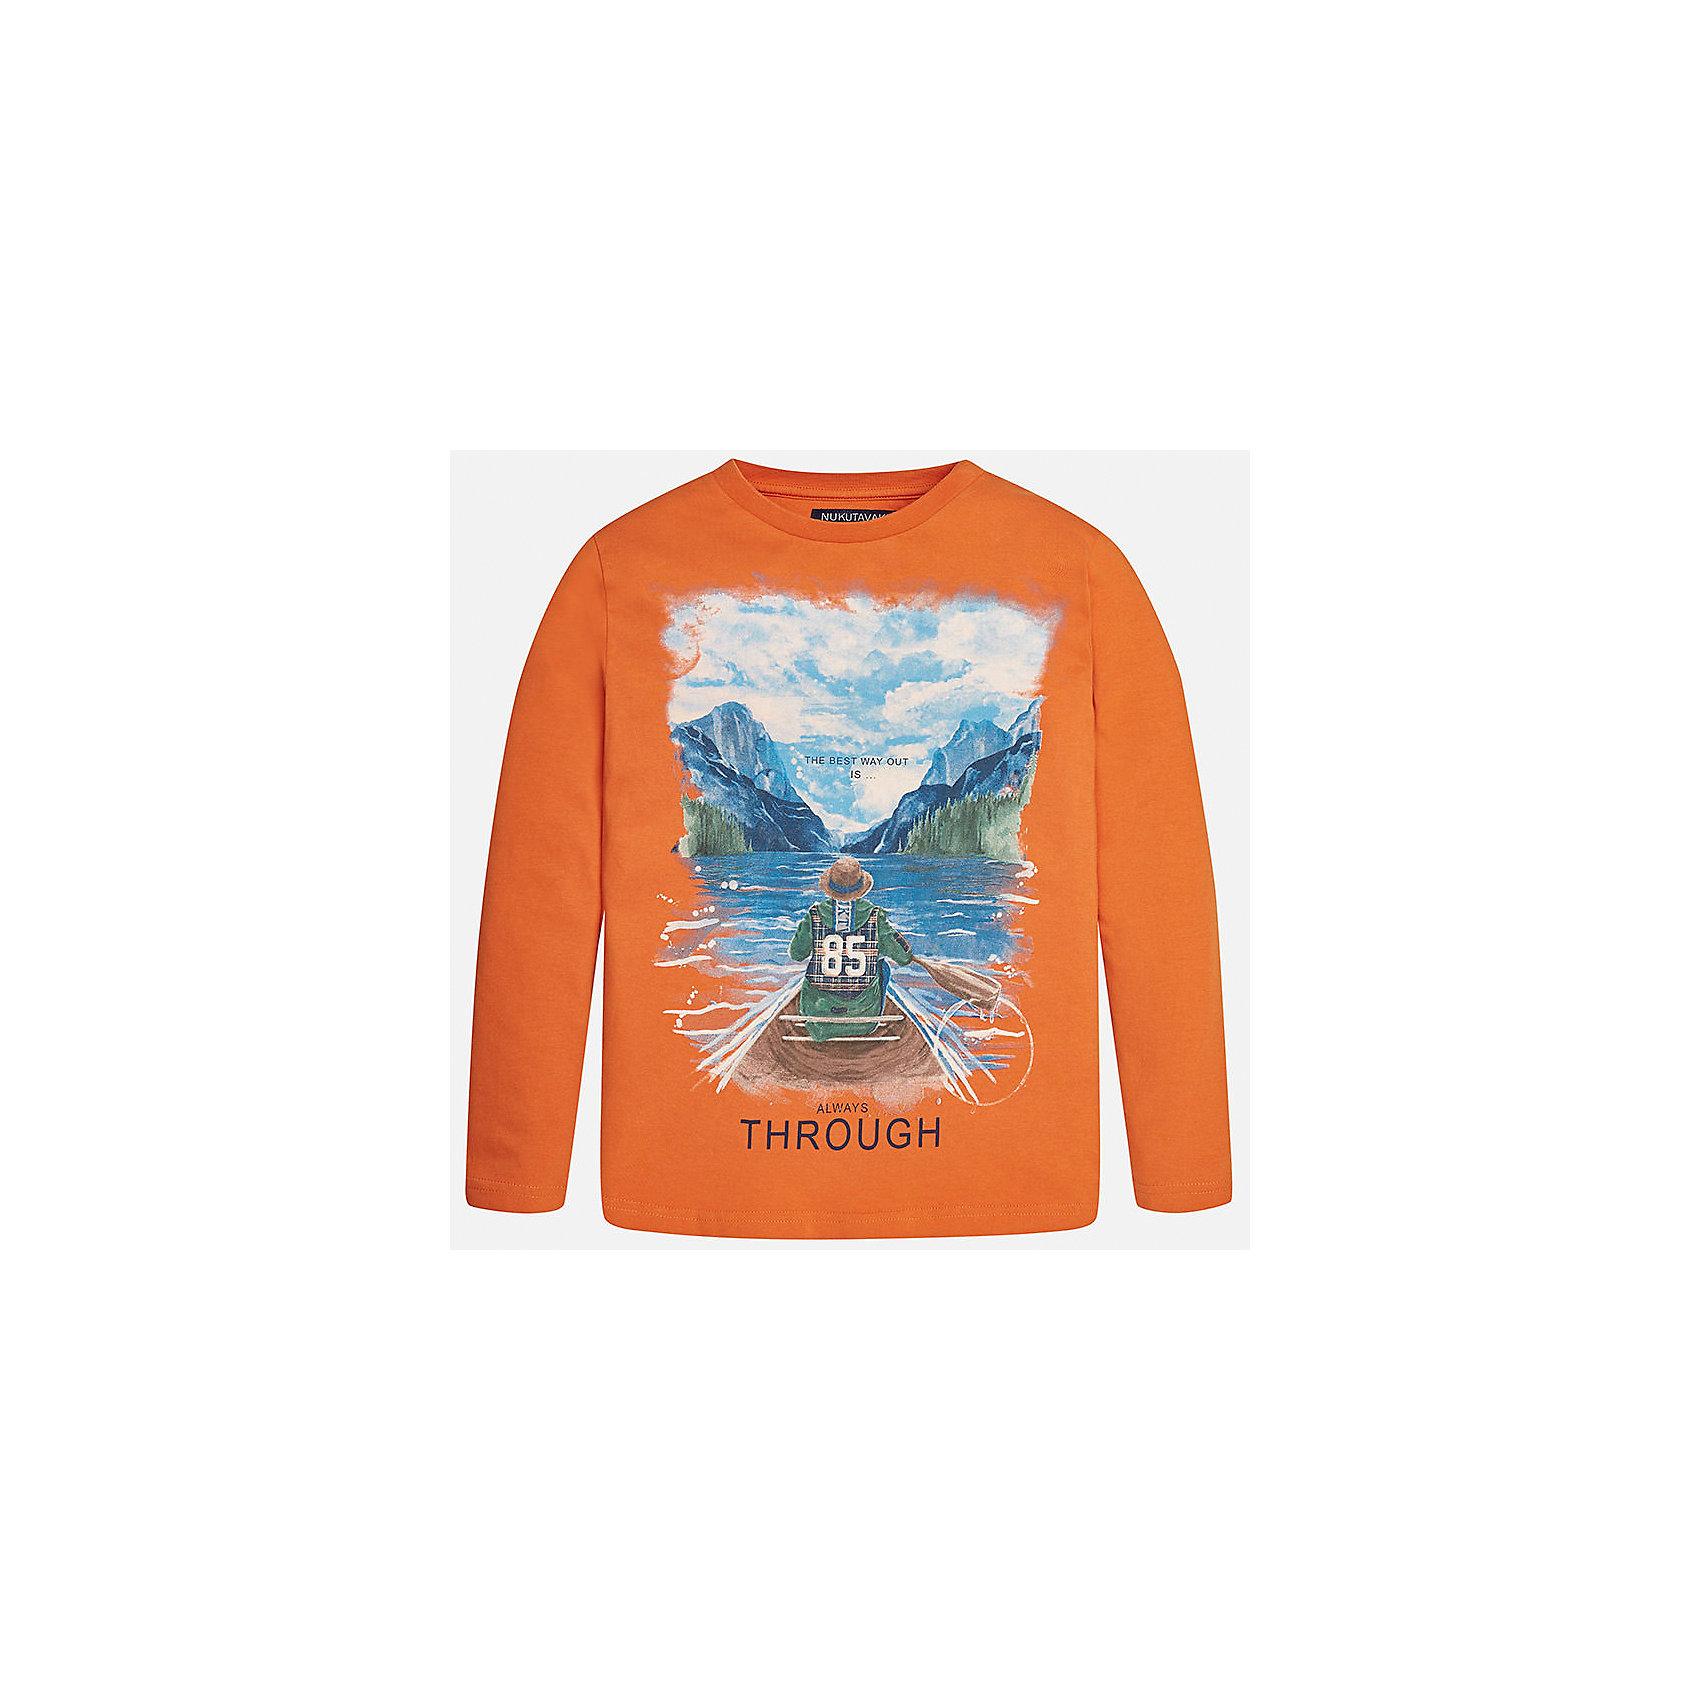 Футболка с длинным рукавом для мальчика MayoralФутболки с длинным рукавом<br>Характеристики товара:<br><br>• цвет: оранжевый<br>• состав ткани: 100% хлопок<br>• сезон: демисезон<br>• особенности модели: принт<br>• длинные рукава<br>• страна бренда: Испания<br>• страна изготовитель: Индия<br><br>Модный лонгслив для мальчика от Майорал поможет обеспечить ребенку комфорт. Детский лонгслив отличается стильным и продуманным дизайном. В футболке с длинным рукавом для мальчика от испанской компании Майорал ребенок будет выглядеть модно, а чувствовать себя - комфортно. <br><br>Лонгслив для мальчика Mayoral (Майорал) можно купить в нашем интернет-магазине.<br><br>Ширина мм: 230<br>Глубина мм: 40<br>Высота мм: 220<br>Вес г: 250<br>Цвет: бежевый<br>Возраст от месяцев: 156<br>Возраст до месяцев: 168<br>Пол: Мужской<br>Возраст: Детский<br>Размер: 164,170,128/134,140,152,158<br>SKU: 6933167